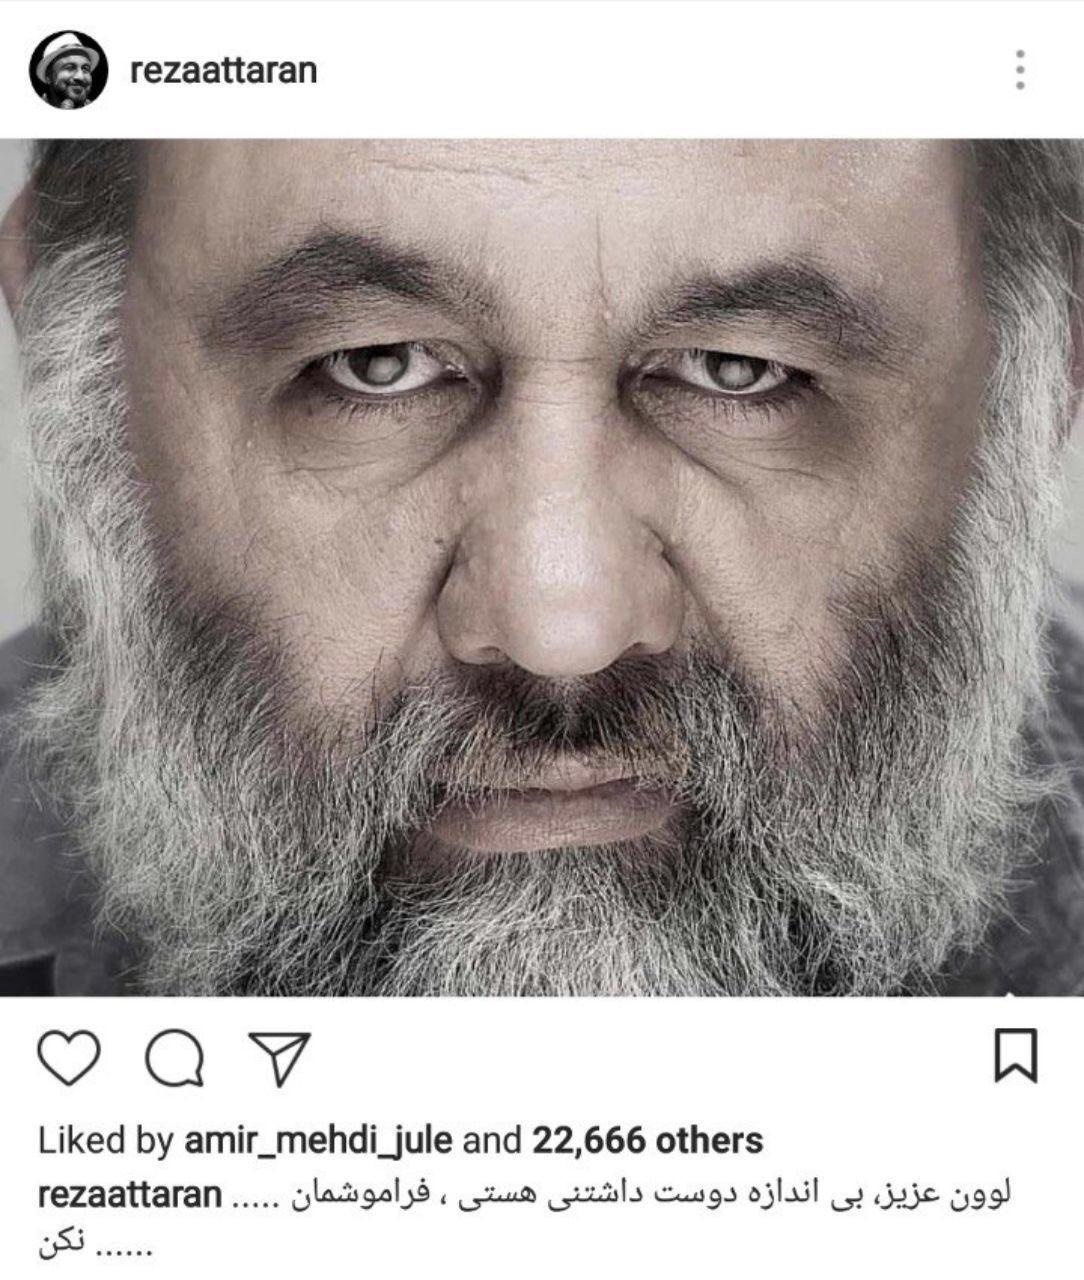 واکنش رضا عطاران به درگذشت لوون هفتوان